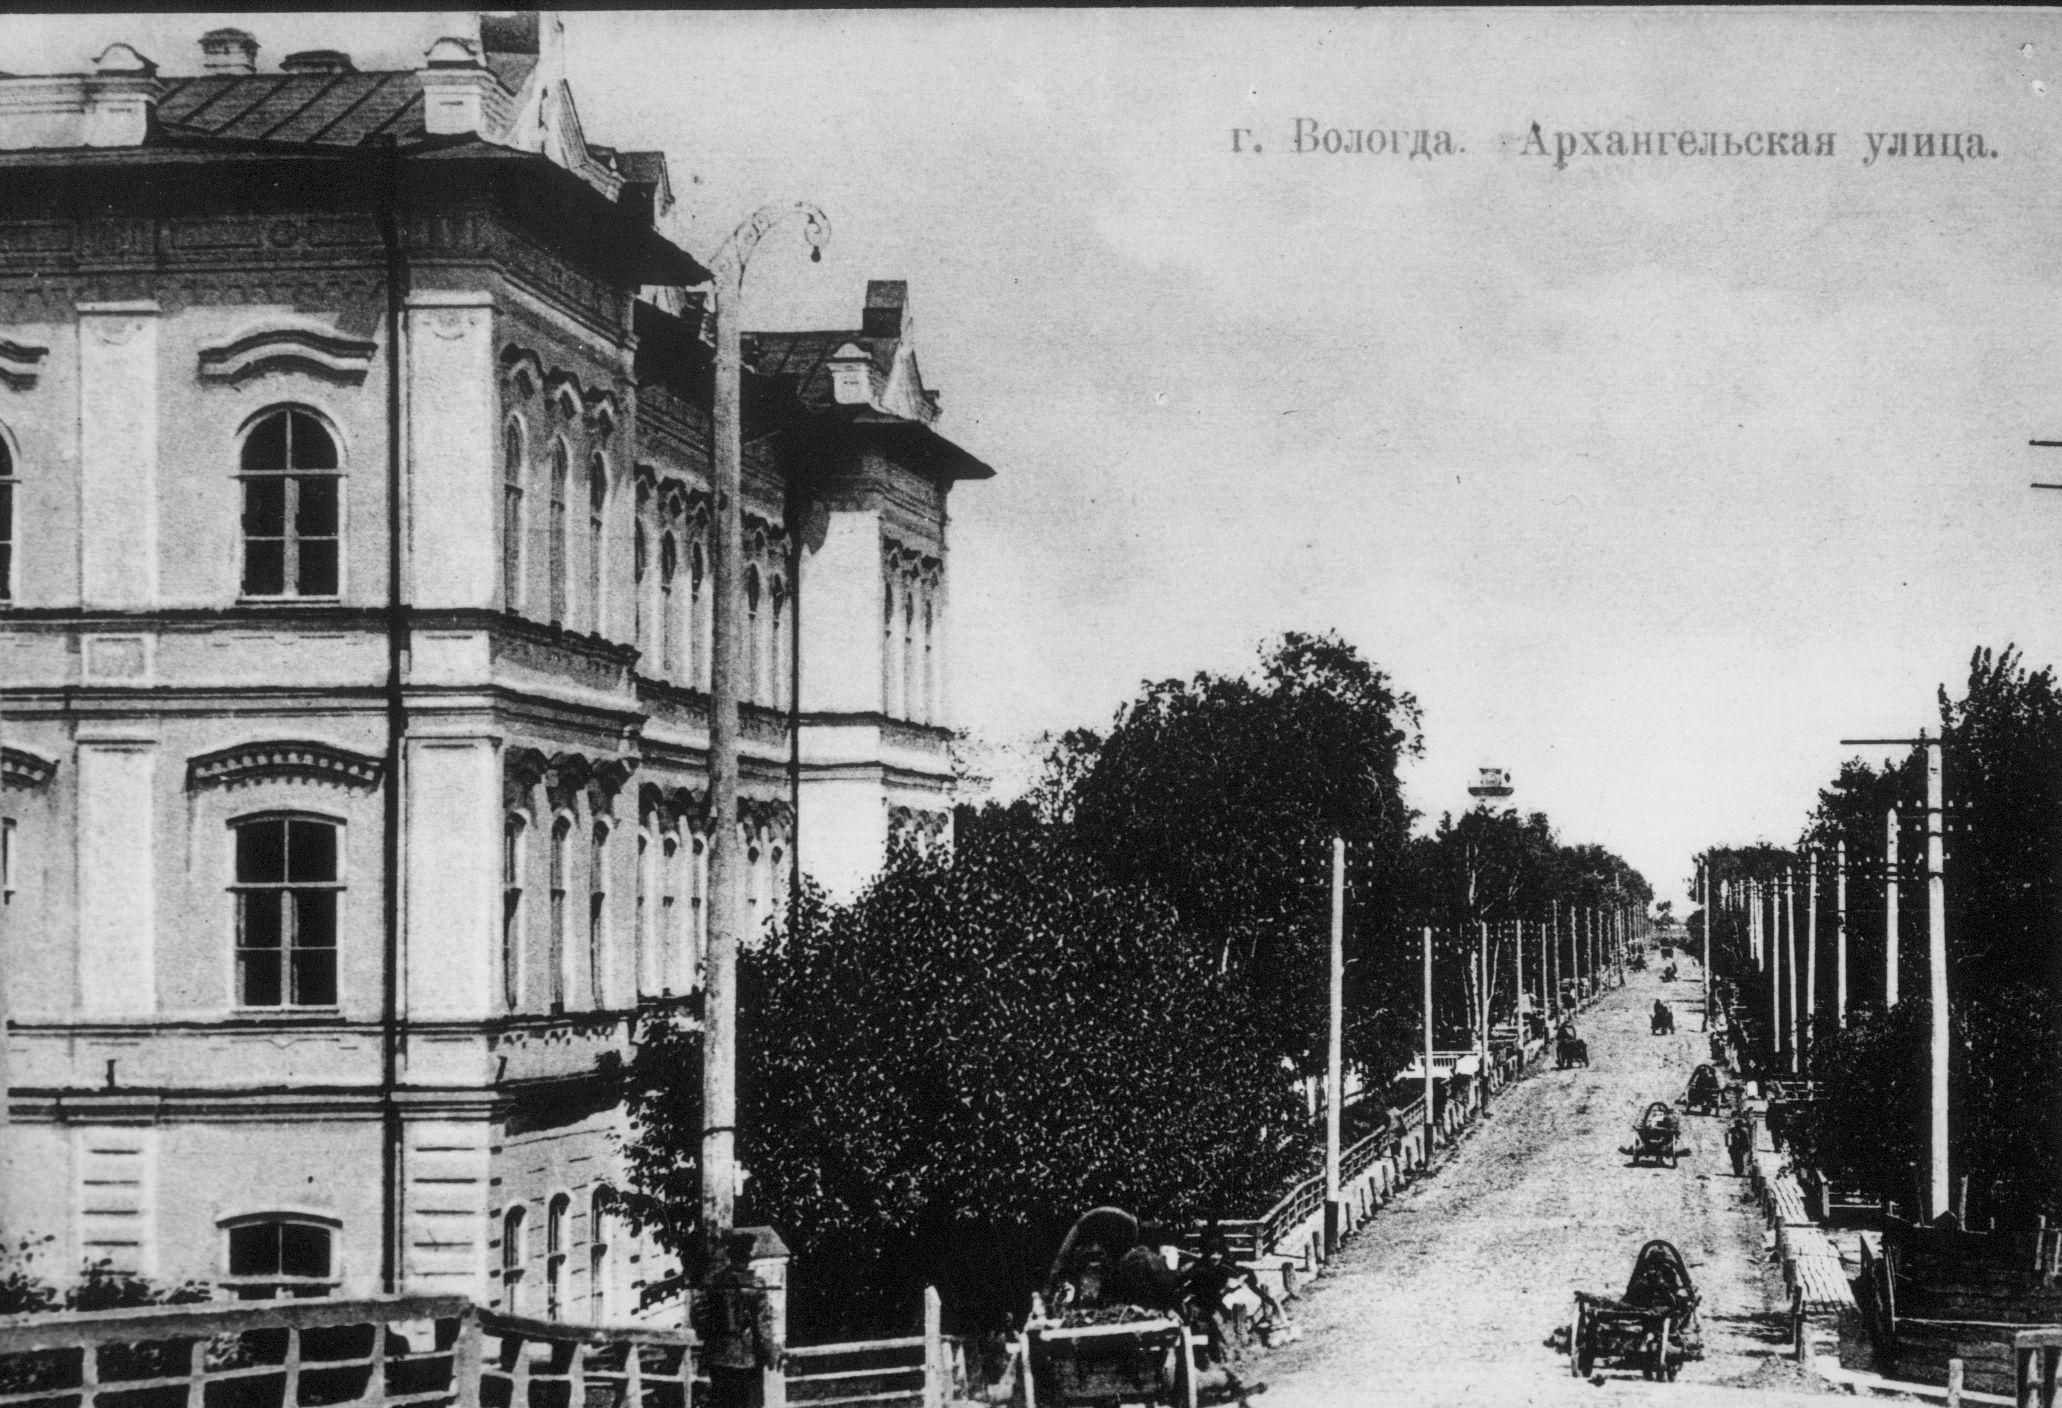 Архангельская улица